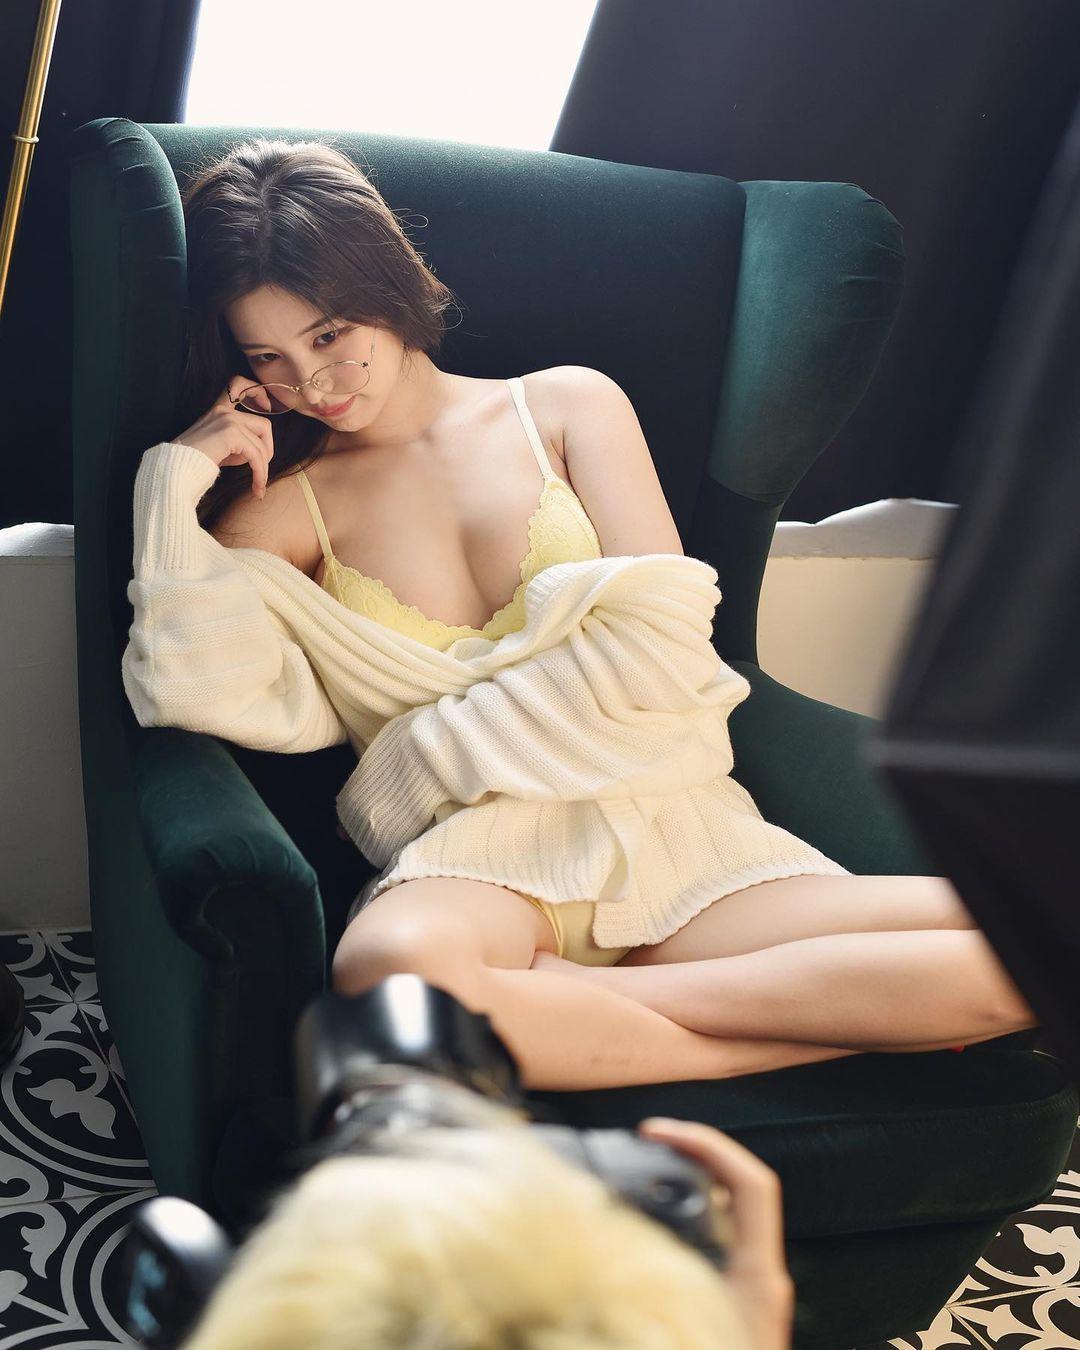 Nữ sinh trường đại học danh giá Hàn Quốc bỏ nghề MC đài trung ương đi làm mẫu nội y - hình ảnh 5